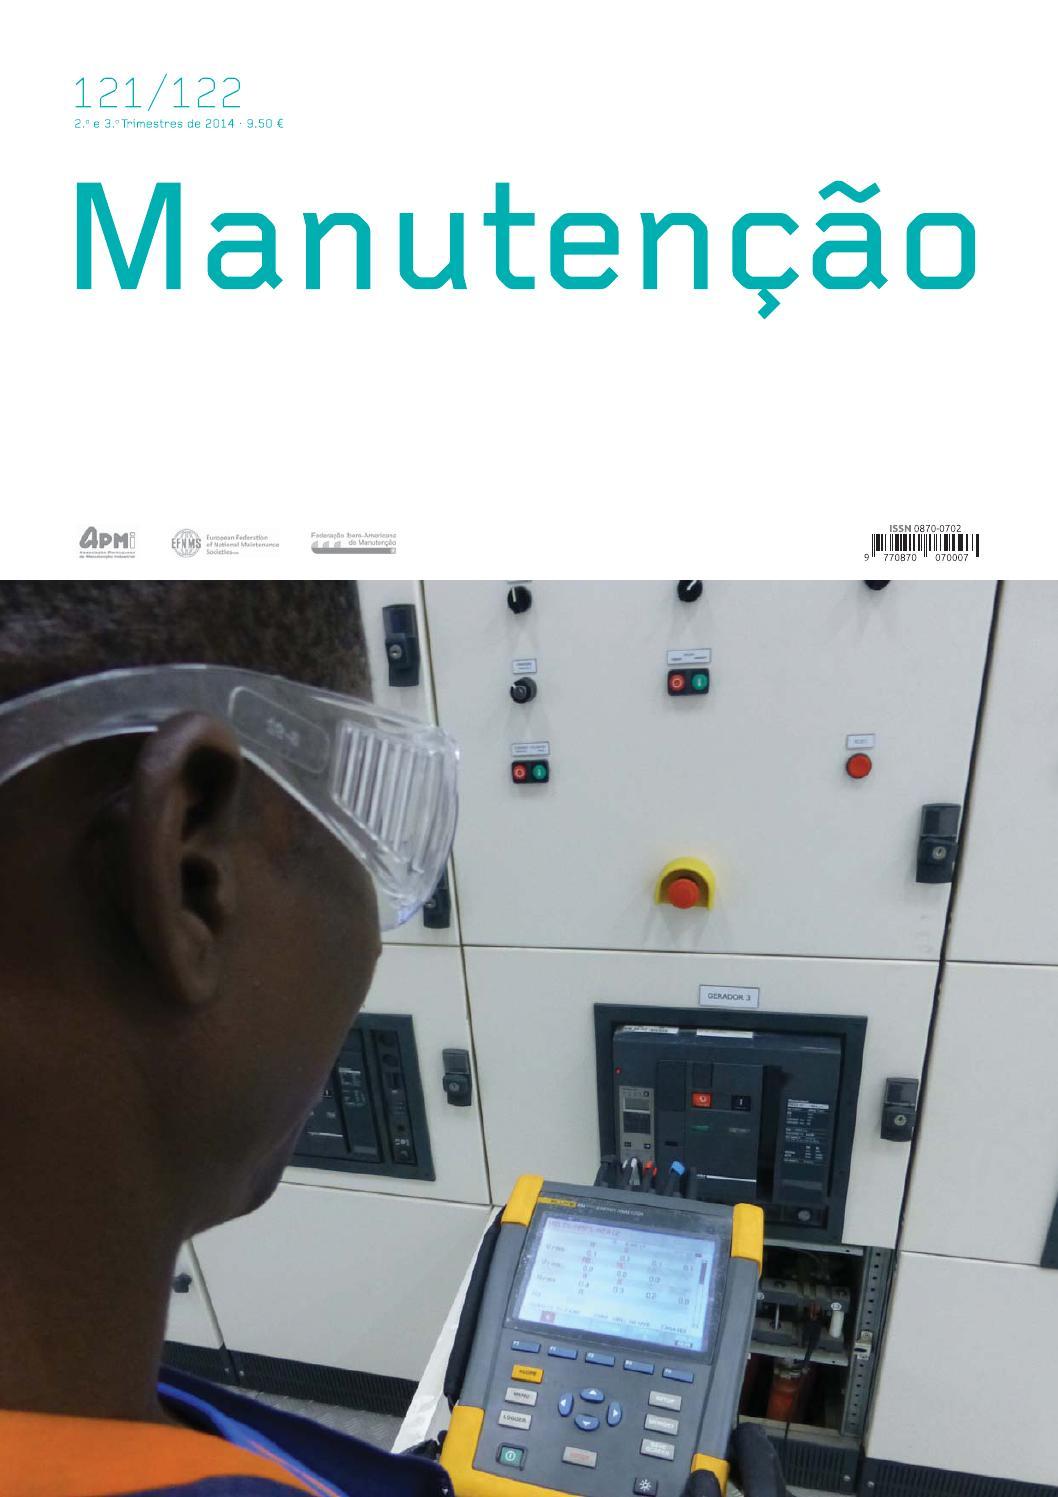 0085e580b78 Resumo revista Manutenção 121 122 by Revista Manutanção - issuu